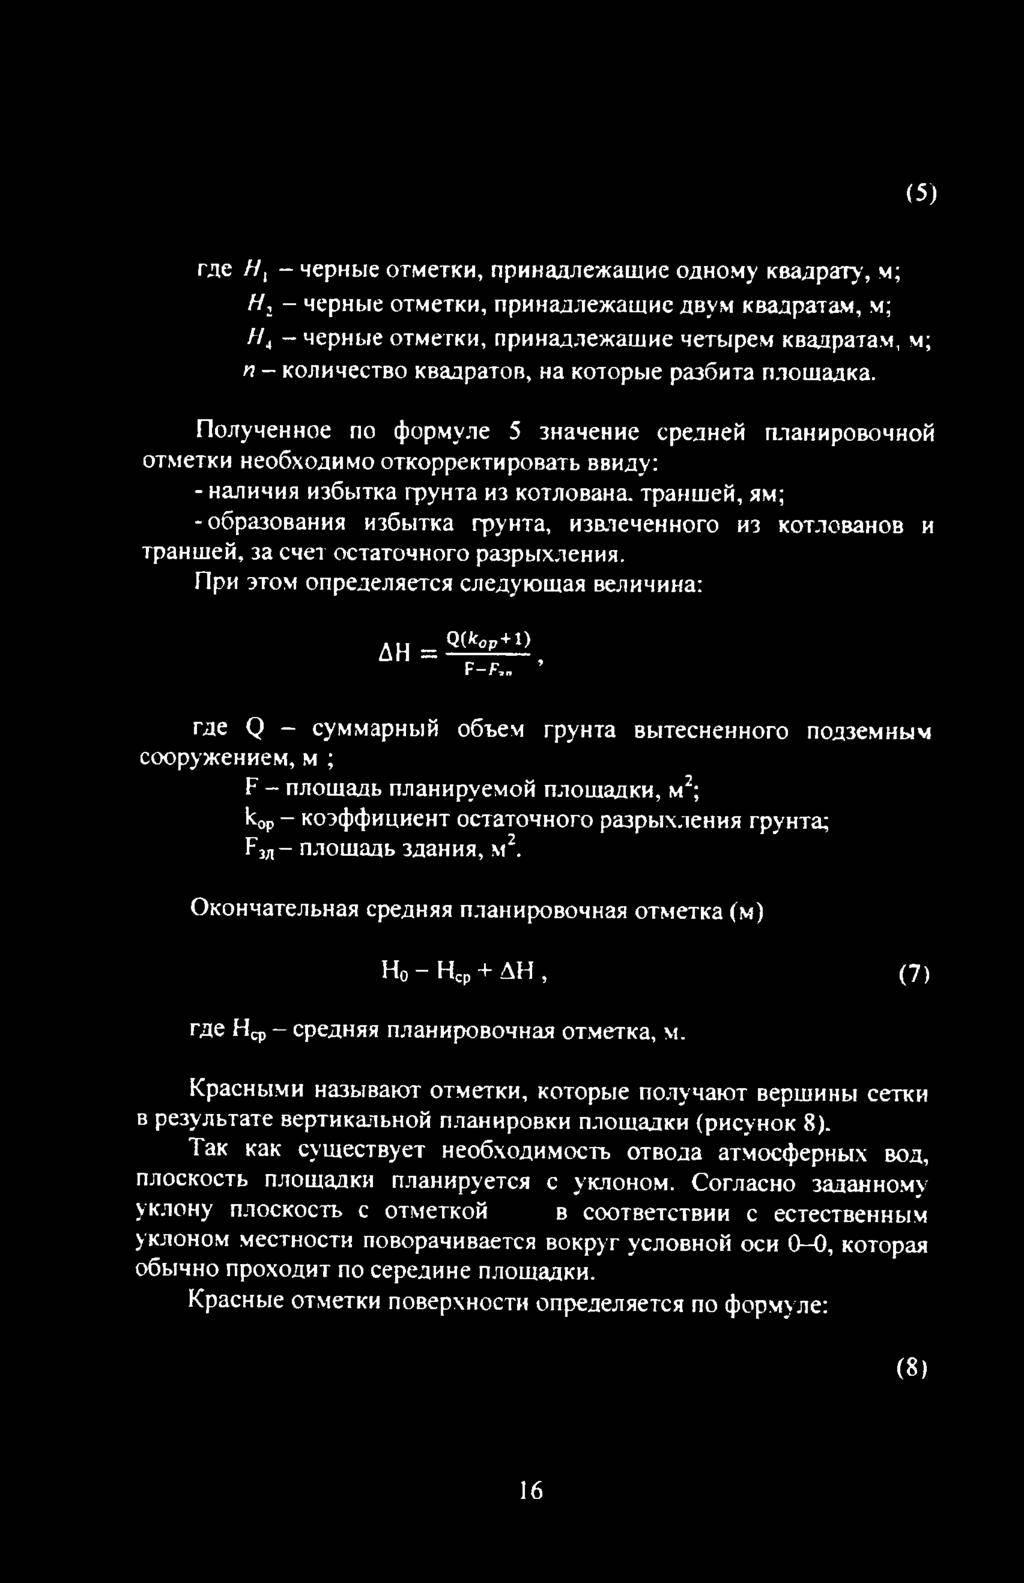 Значения и примеры расчета коэффициентов разрыхления грунта